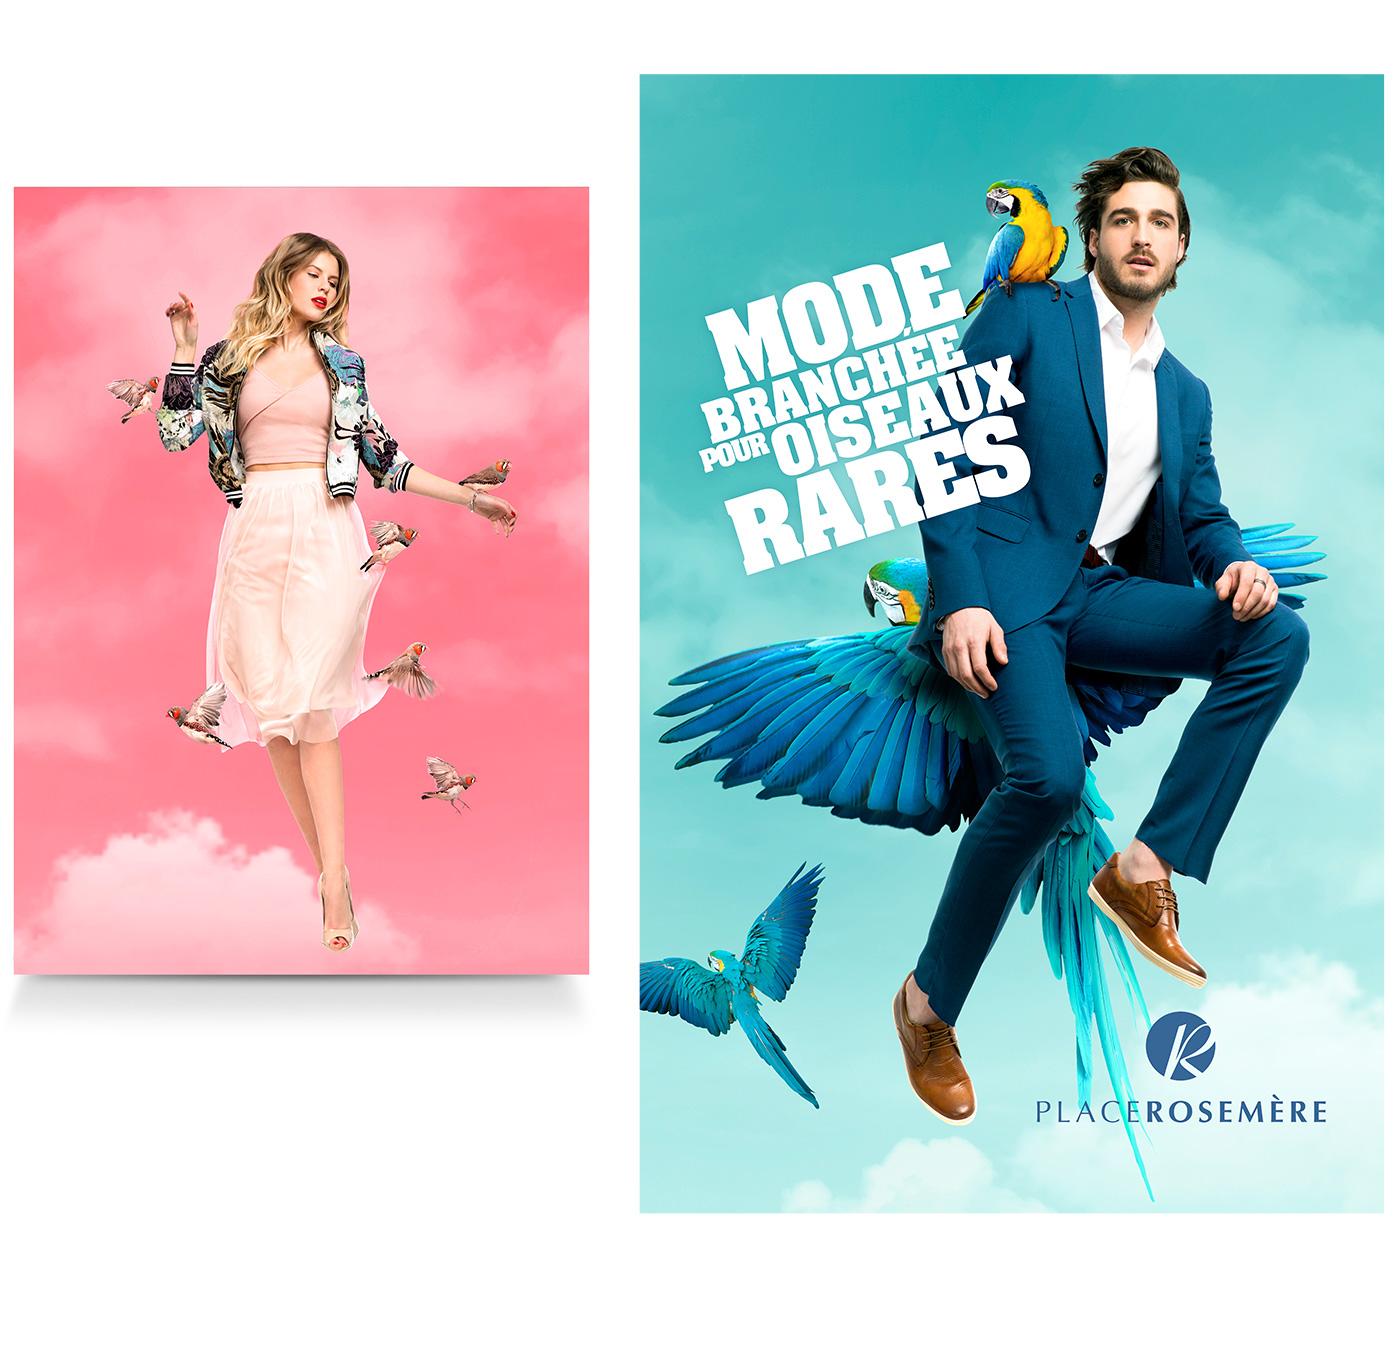 Une campagne qui donne des ailes!